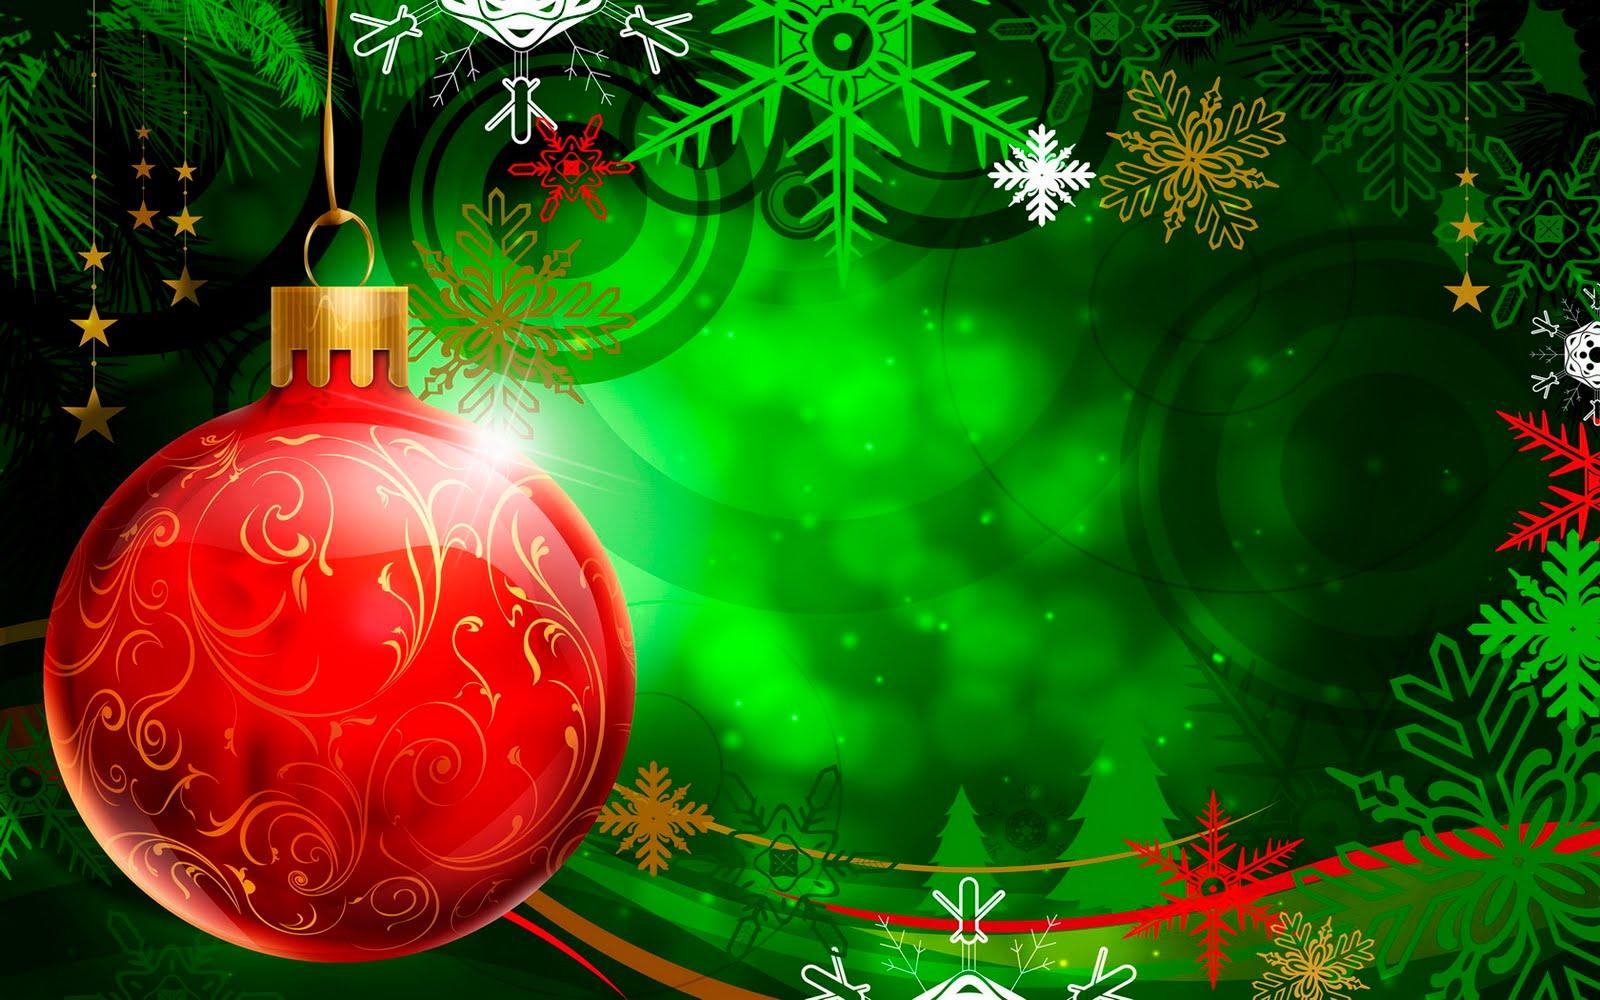 23 Merry Christmas Desktop Wallpapers   Best Design Options